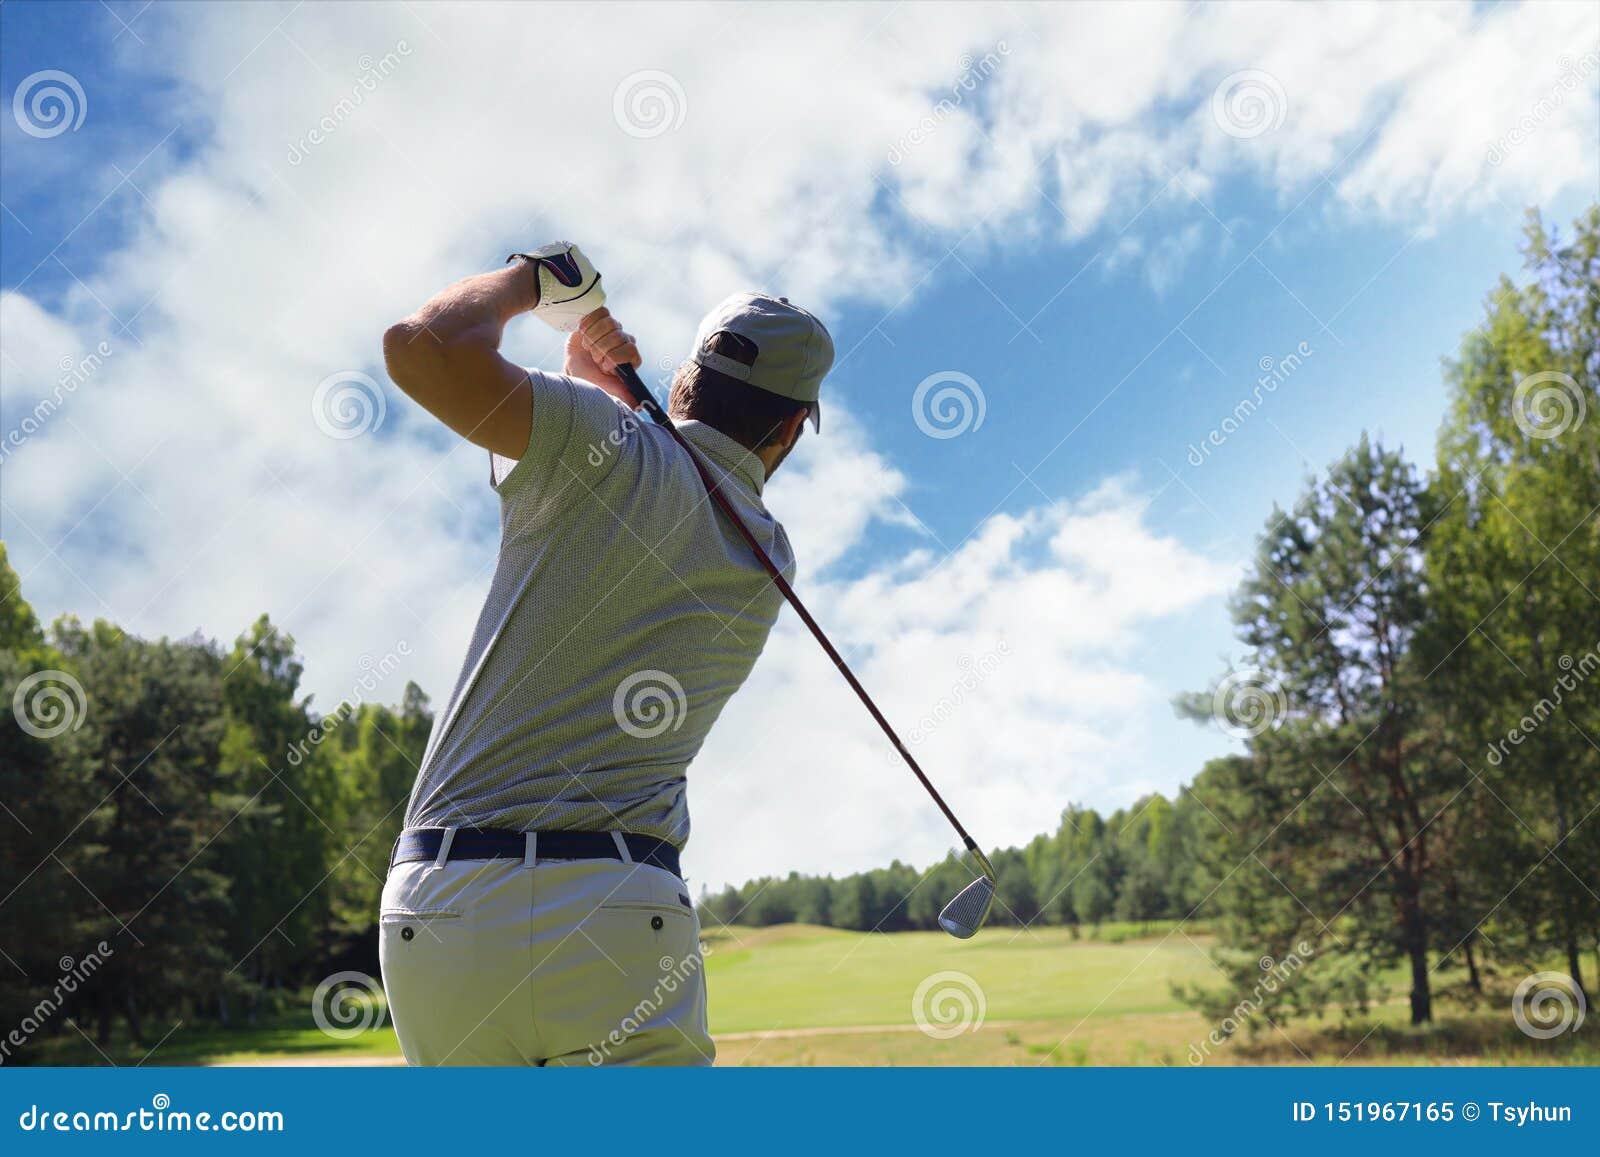 Игрок в гольф ударяя съемку гольфа с клубом на курсе пока на летних каникулах